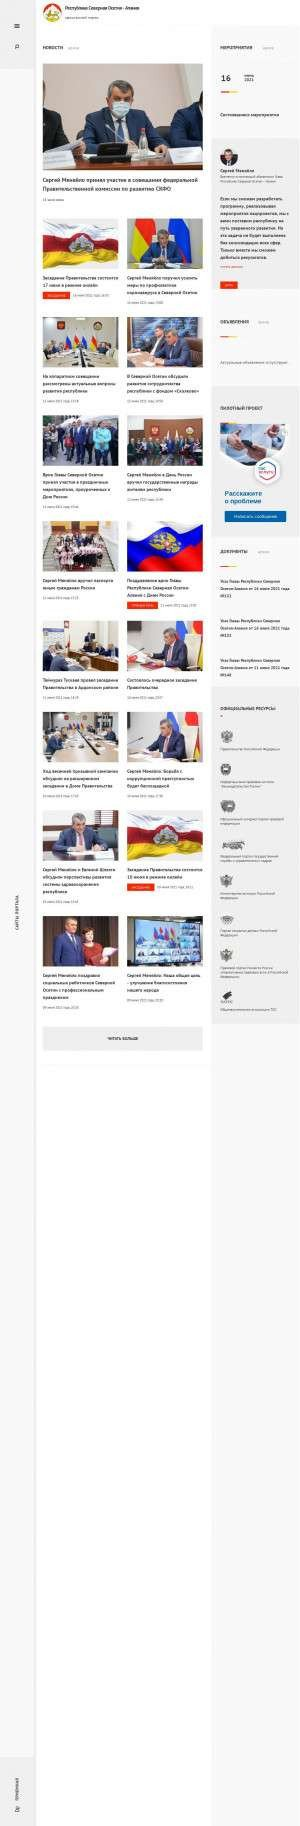 Предпросмотр для alania.gov.ru — Администрация Главы Республики Северная Осетия-Алания и Правительства Республики Северная Осетия-Алания